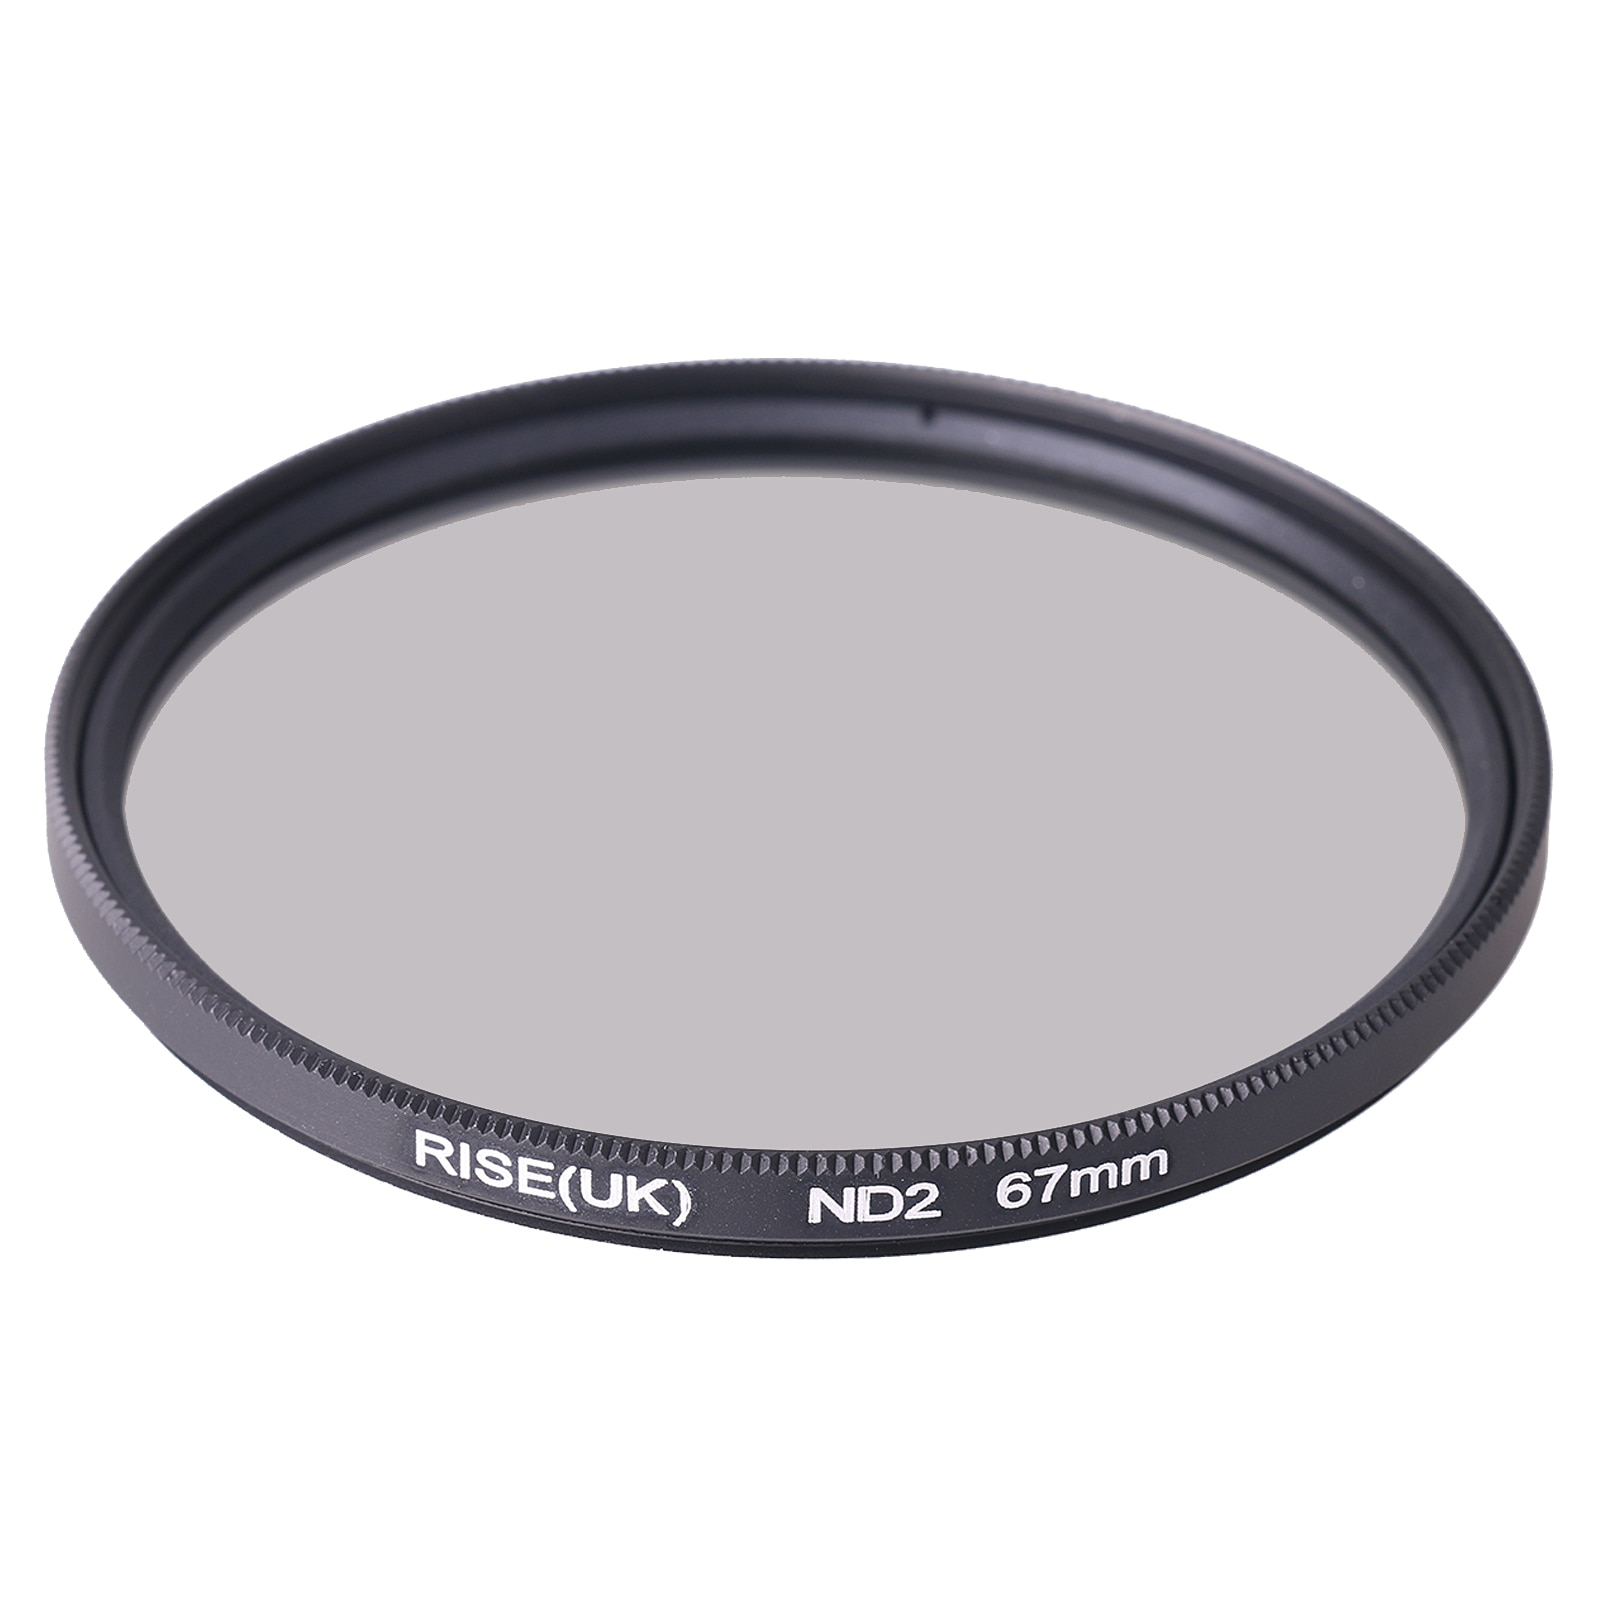 RISE (UK) 67mm filtro de densidad neutra ND2 para cualquier lente de 67mm de la Cámara DSR DLSR